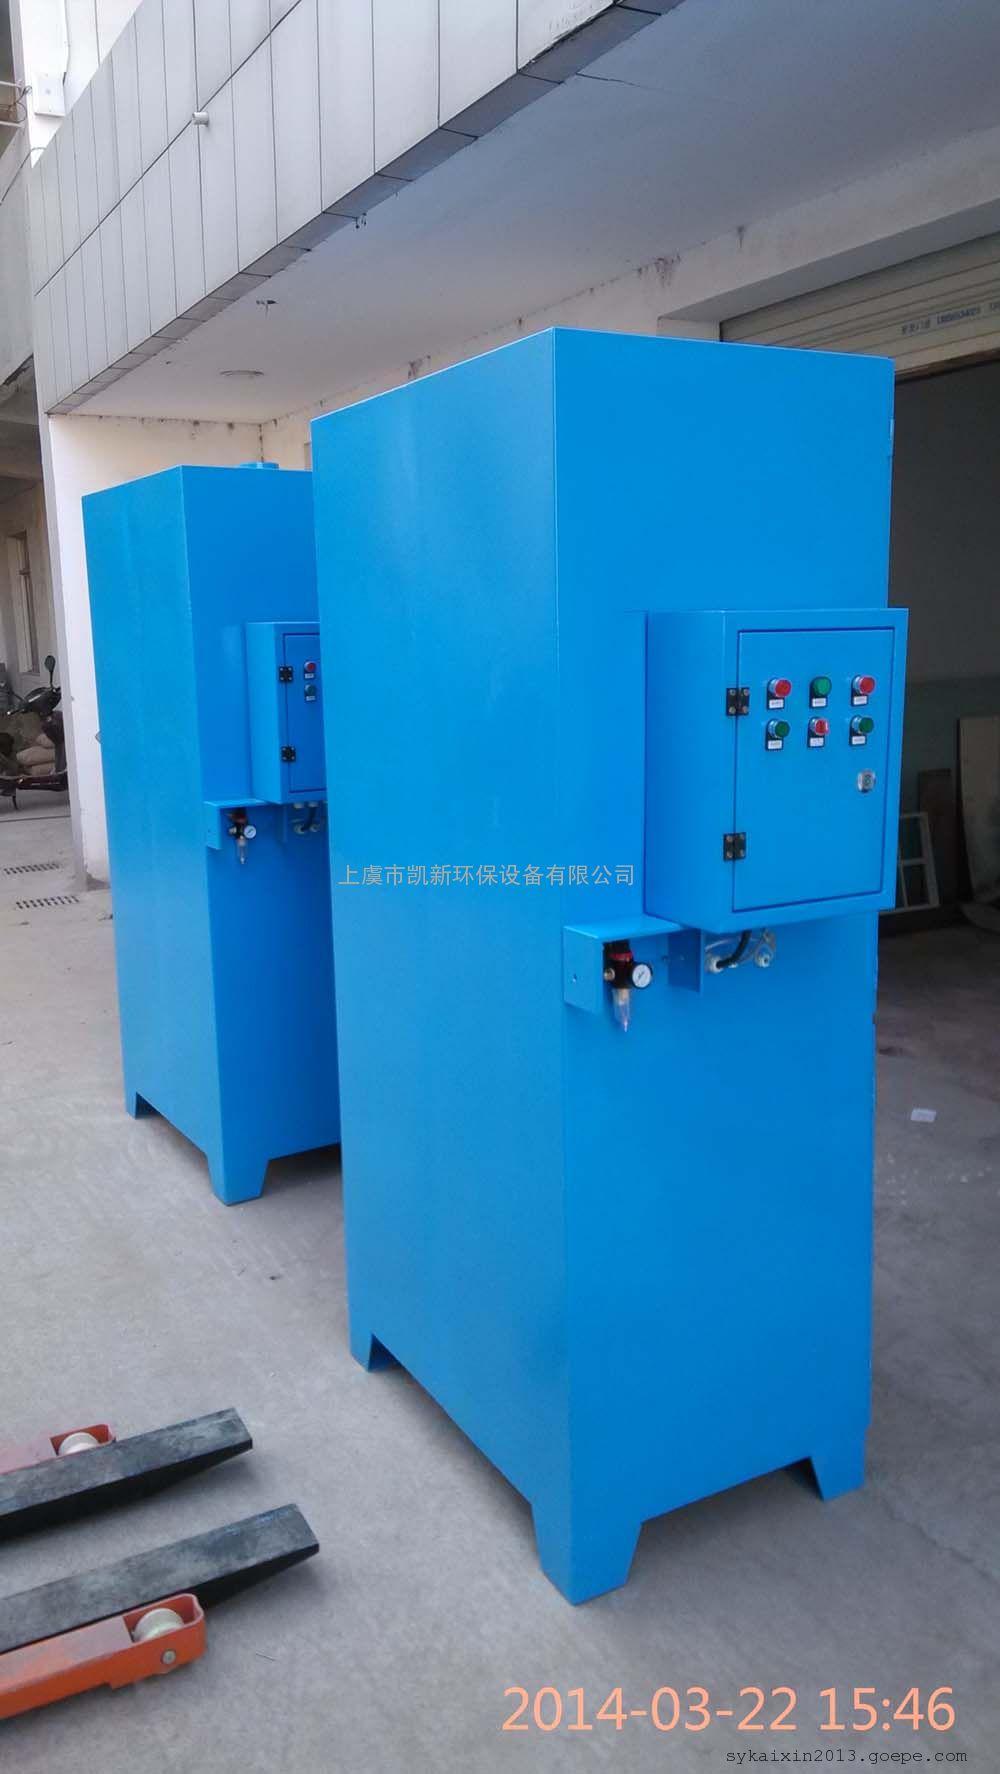 小型集尘器、工业集尘机、小型除尘器、单机除尘器、收尘机